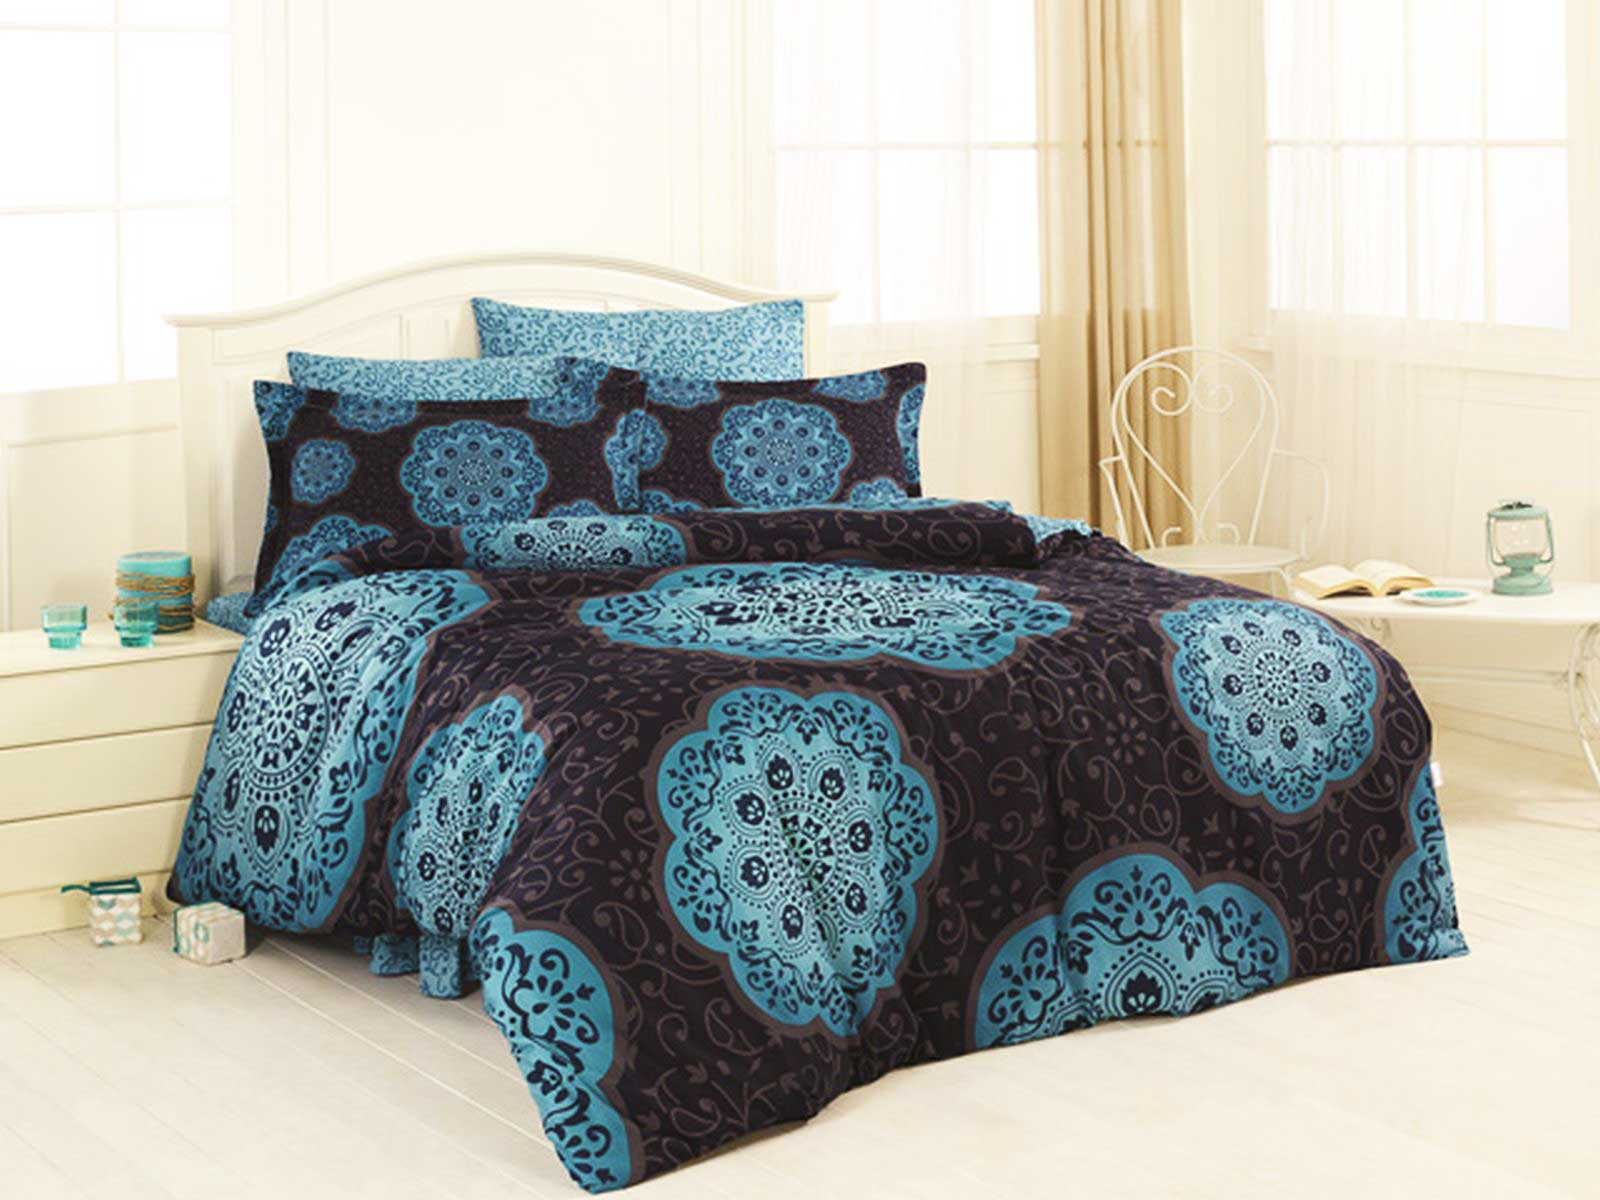 6 tlg bettw sche bettgarnitur satin 100 baumwolle 200x220 cm perfect 3 farben ebay. Black Bedroom Furniture Sets. Home Design Ideas